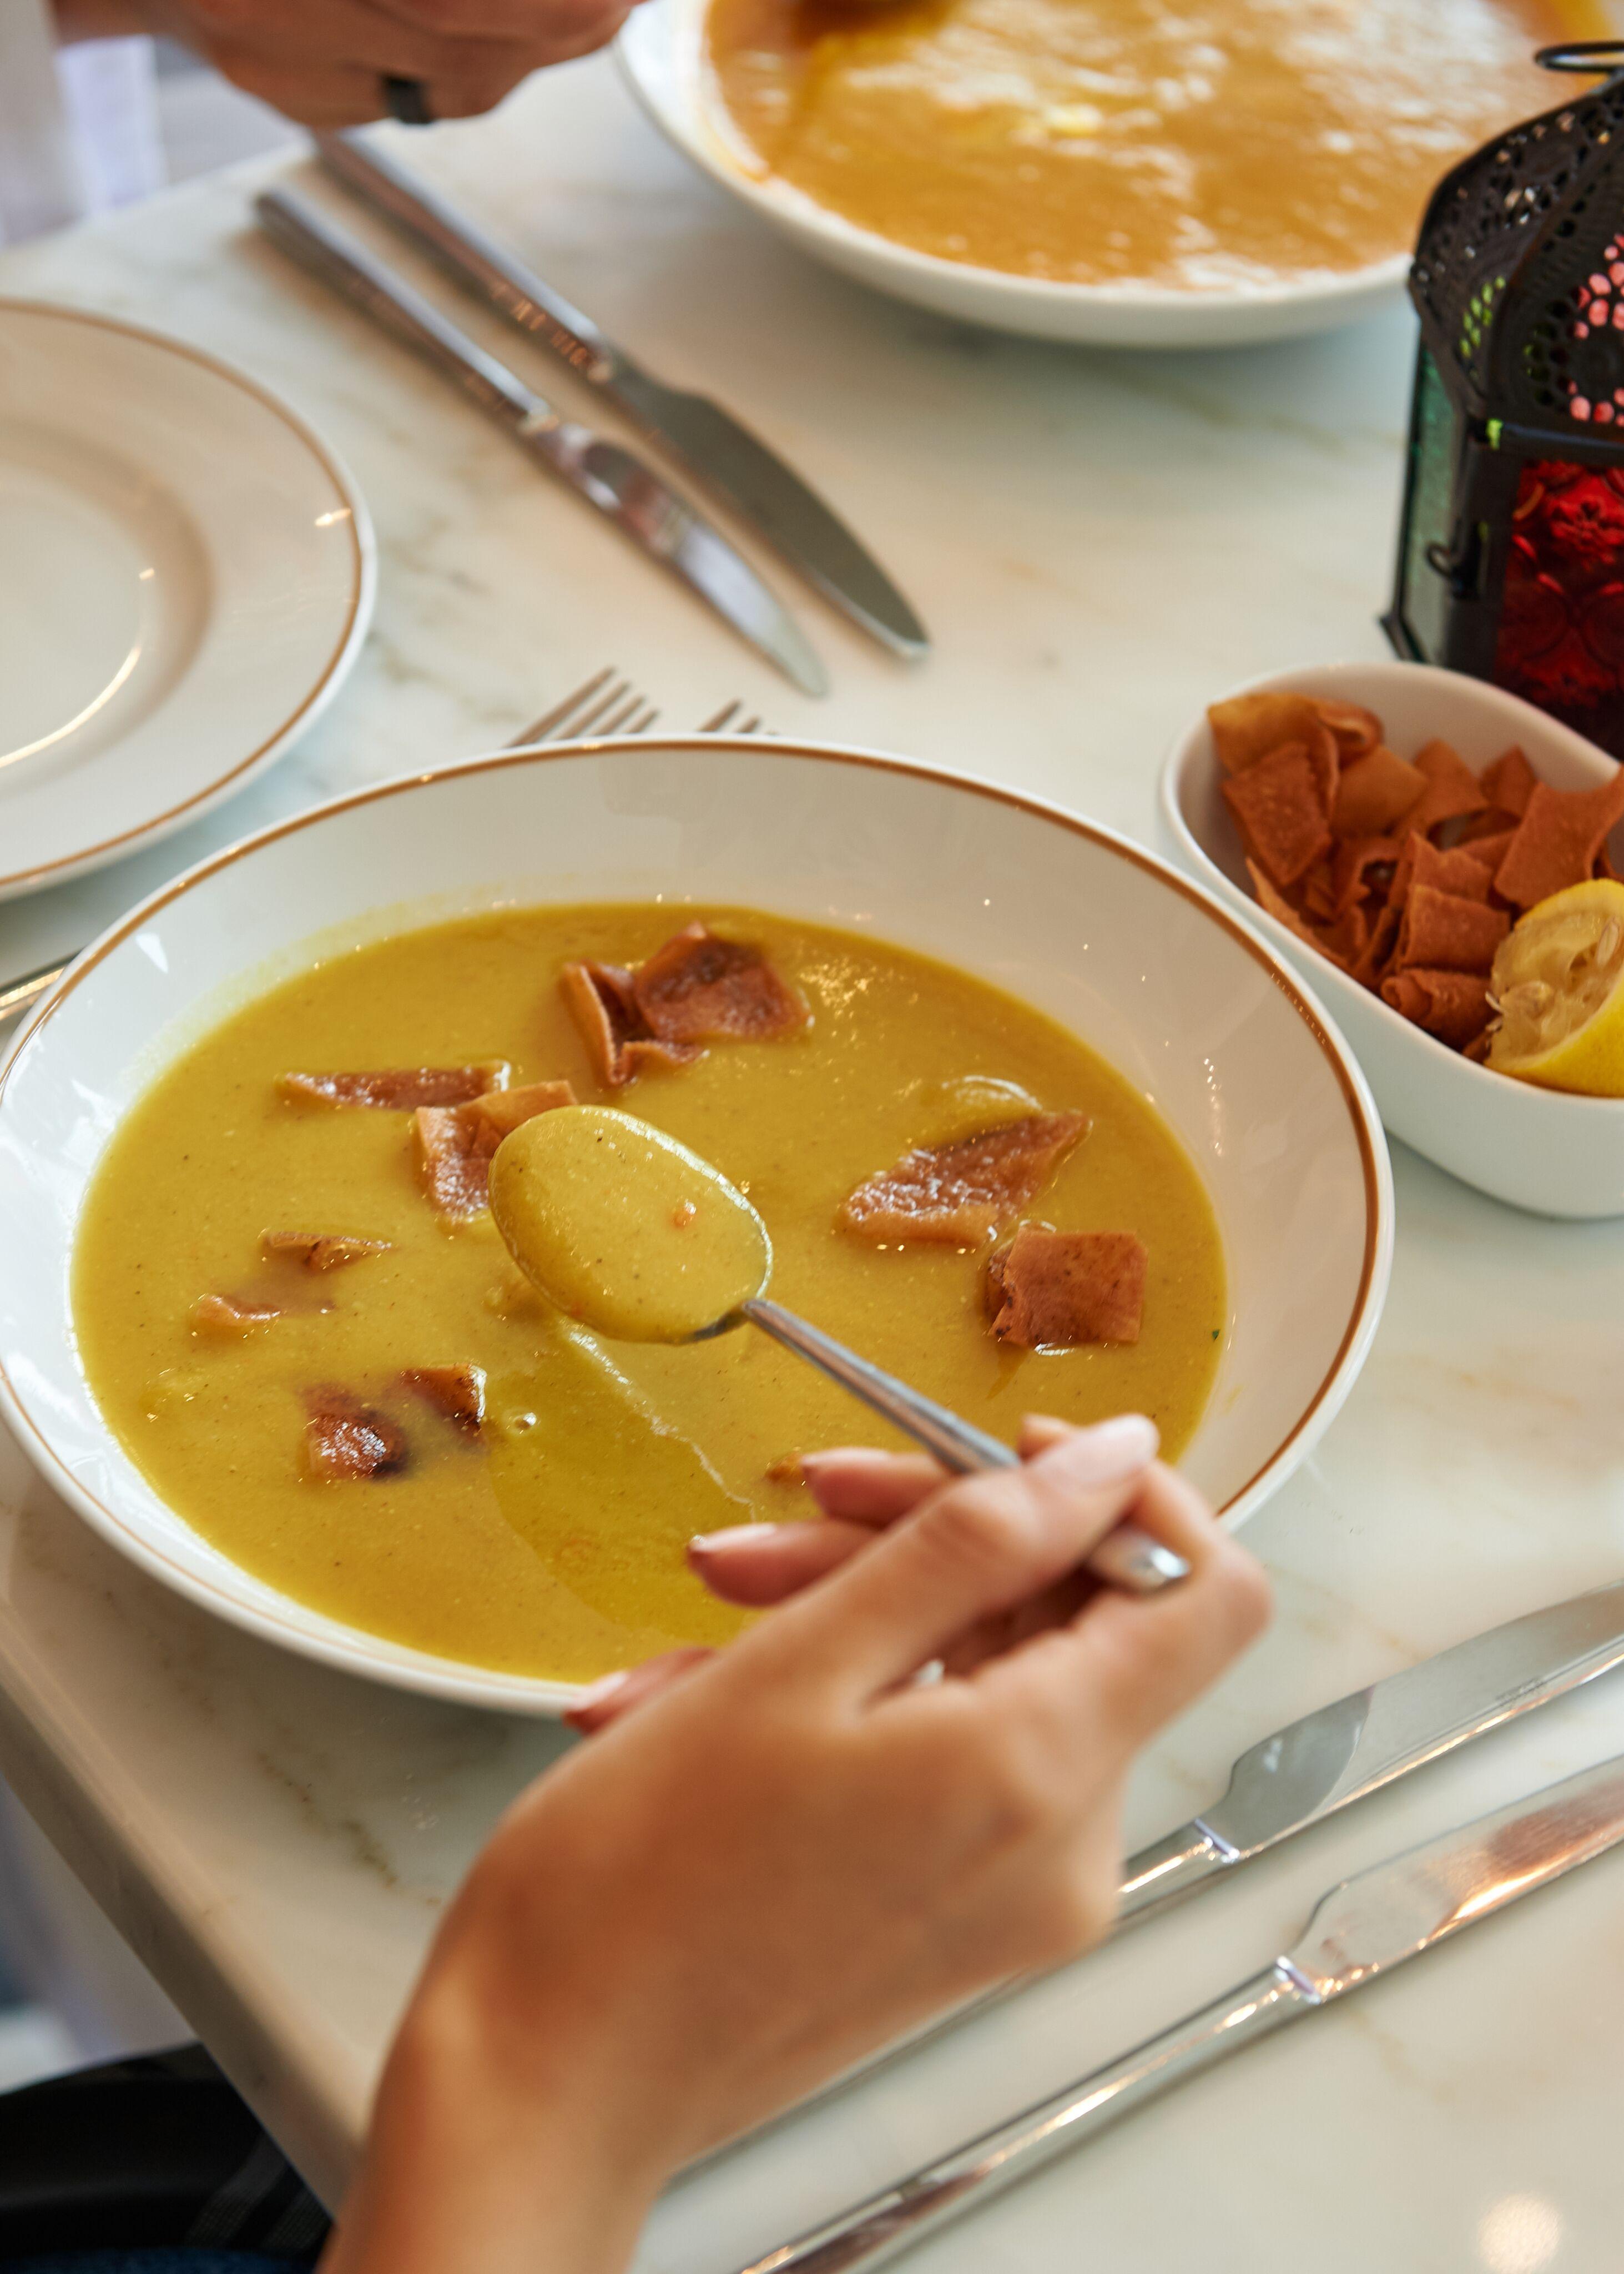 مطعم صح النوم يقدم تجربة رمضانية سورية تجدب الأذواق